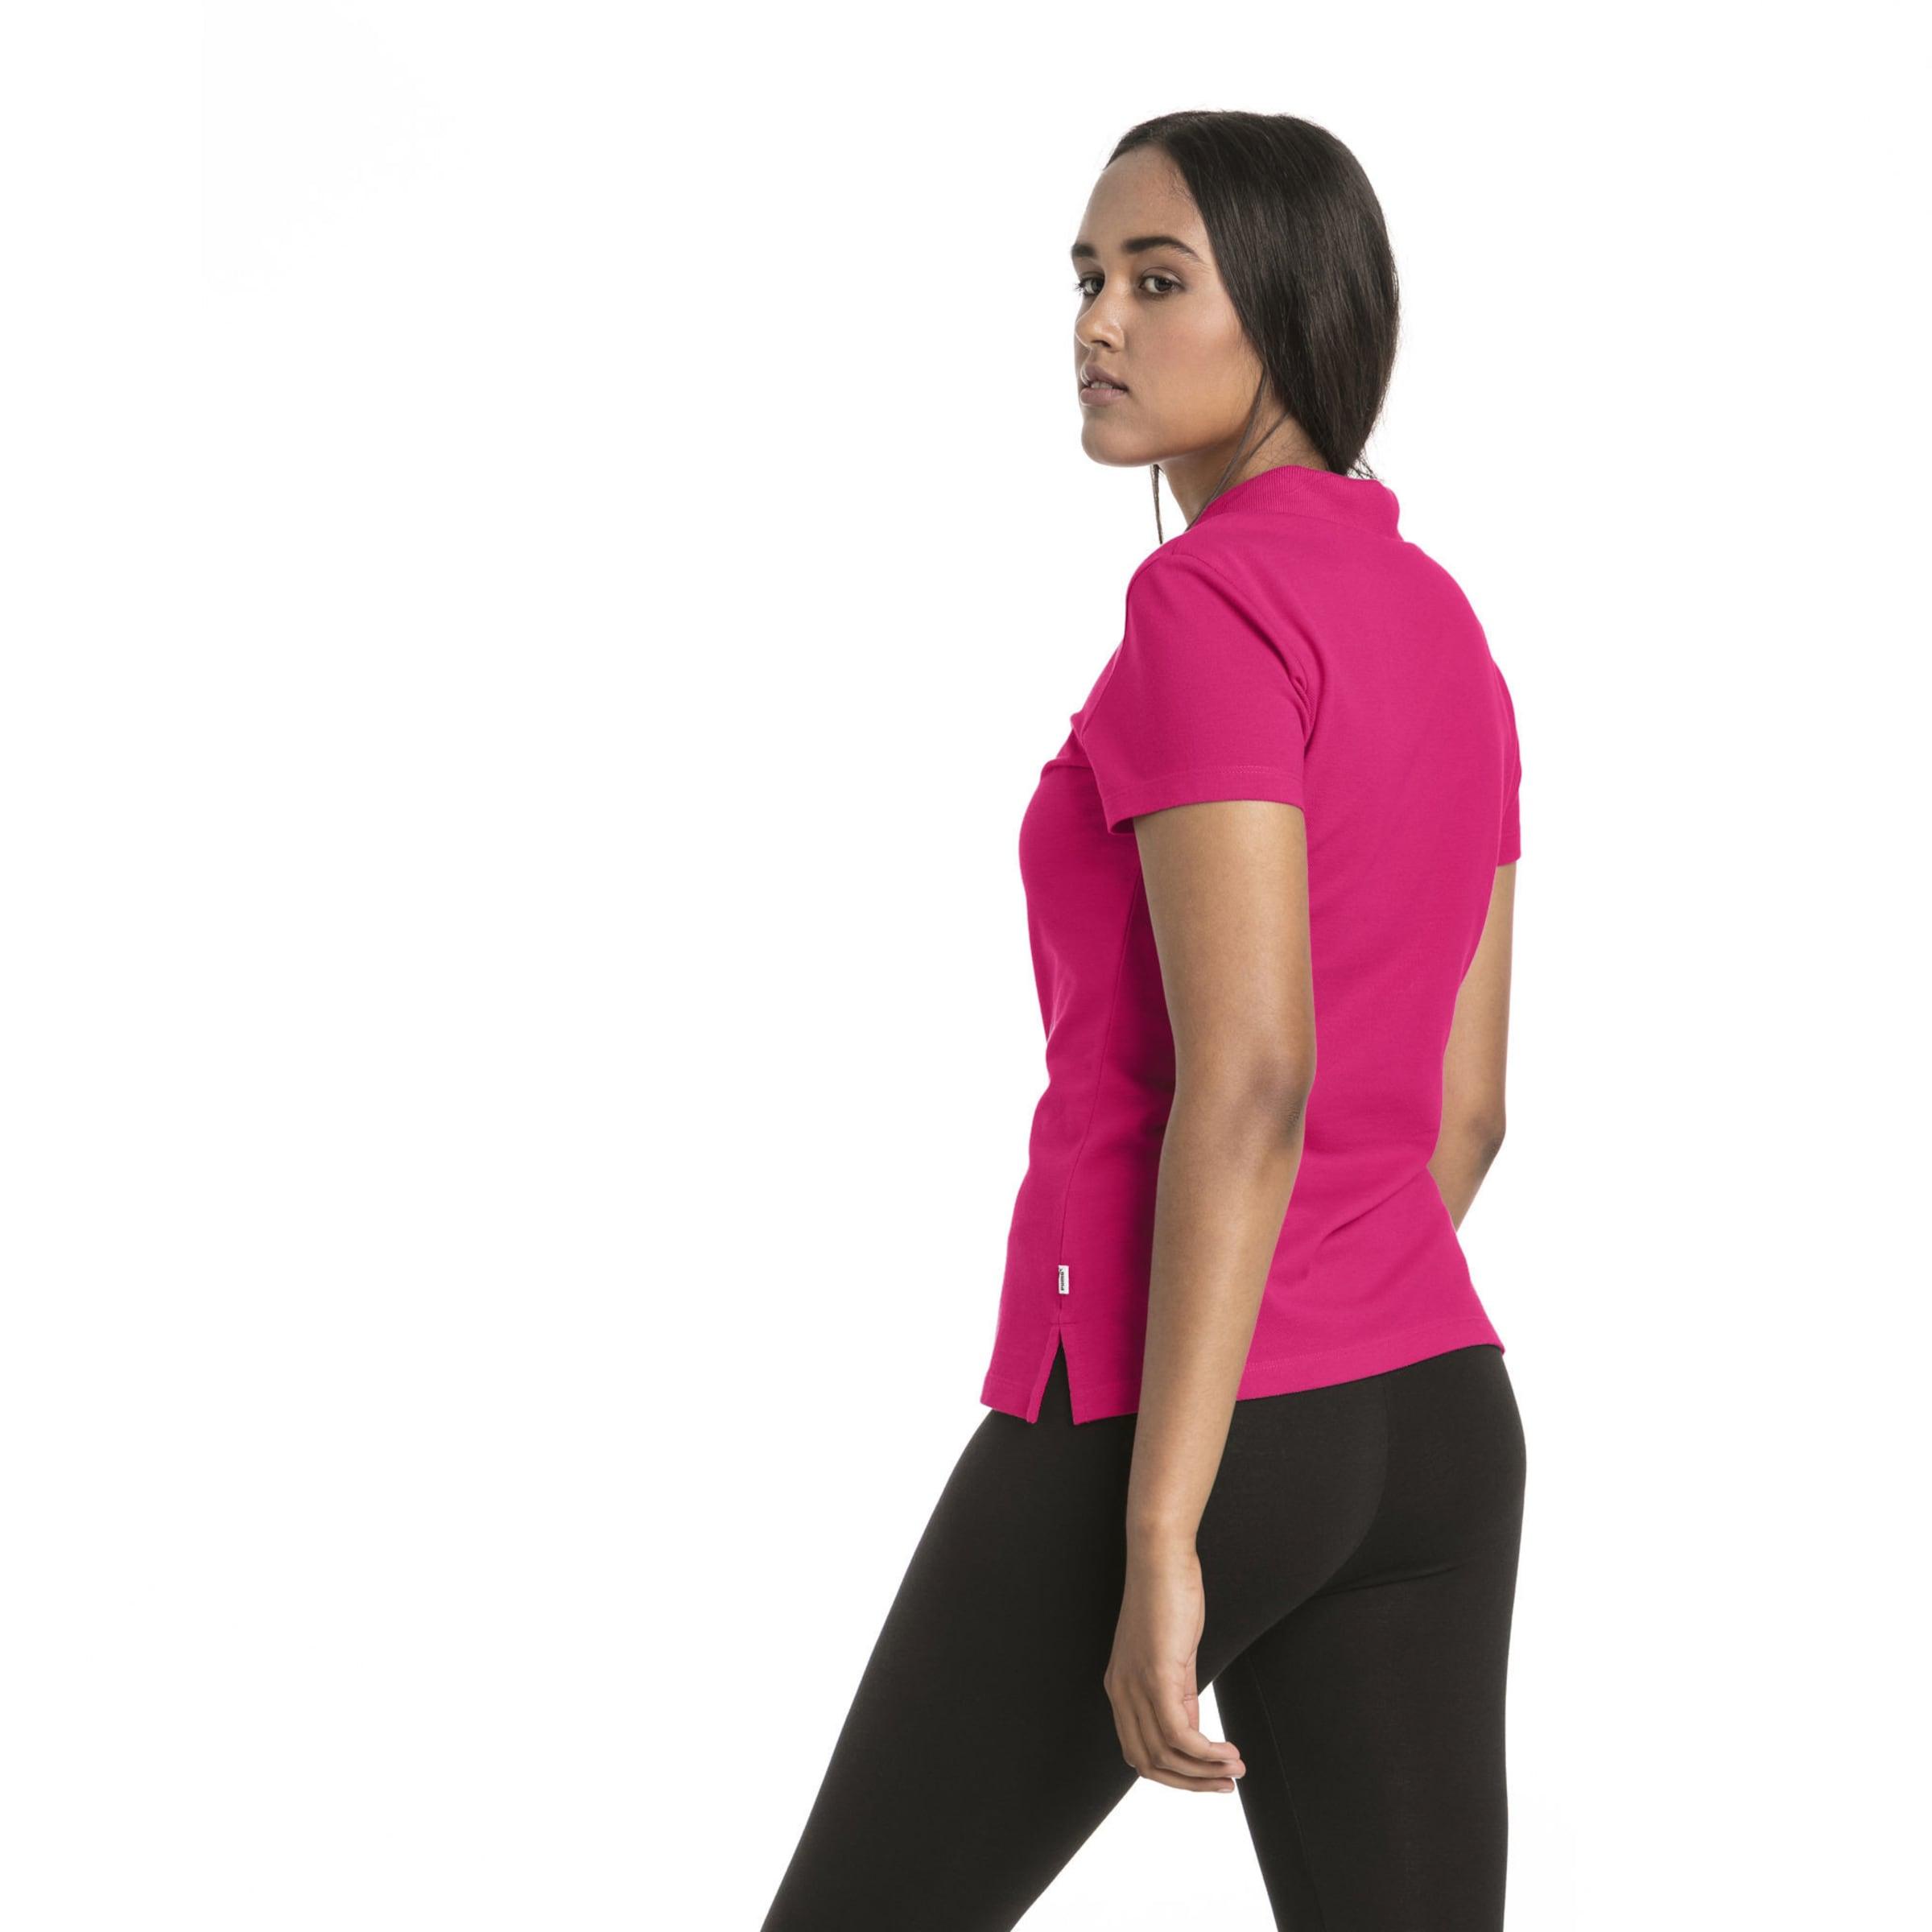 Puma 'essentials' In Puma Pink Polo Polo 'essentials' rQdtshC